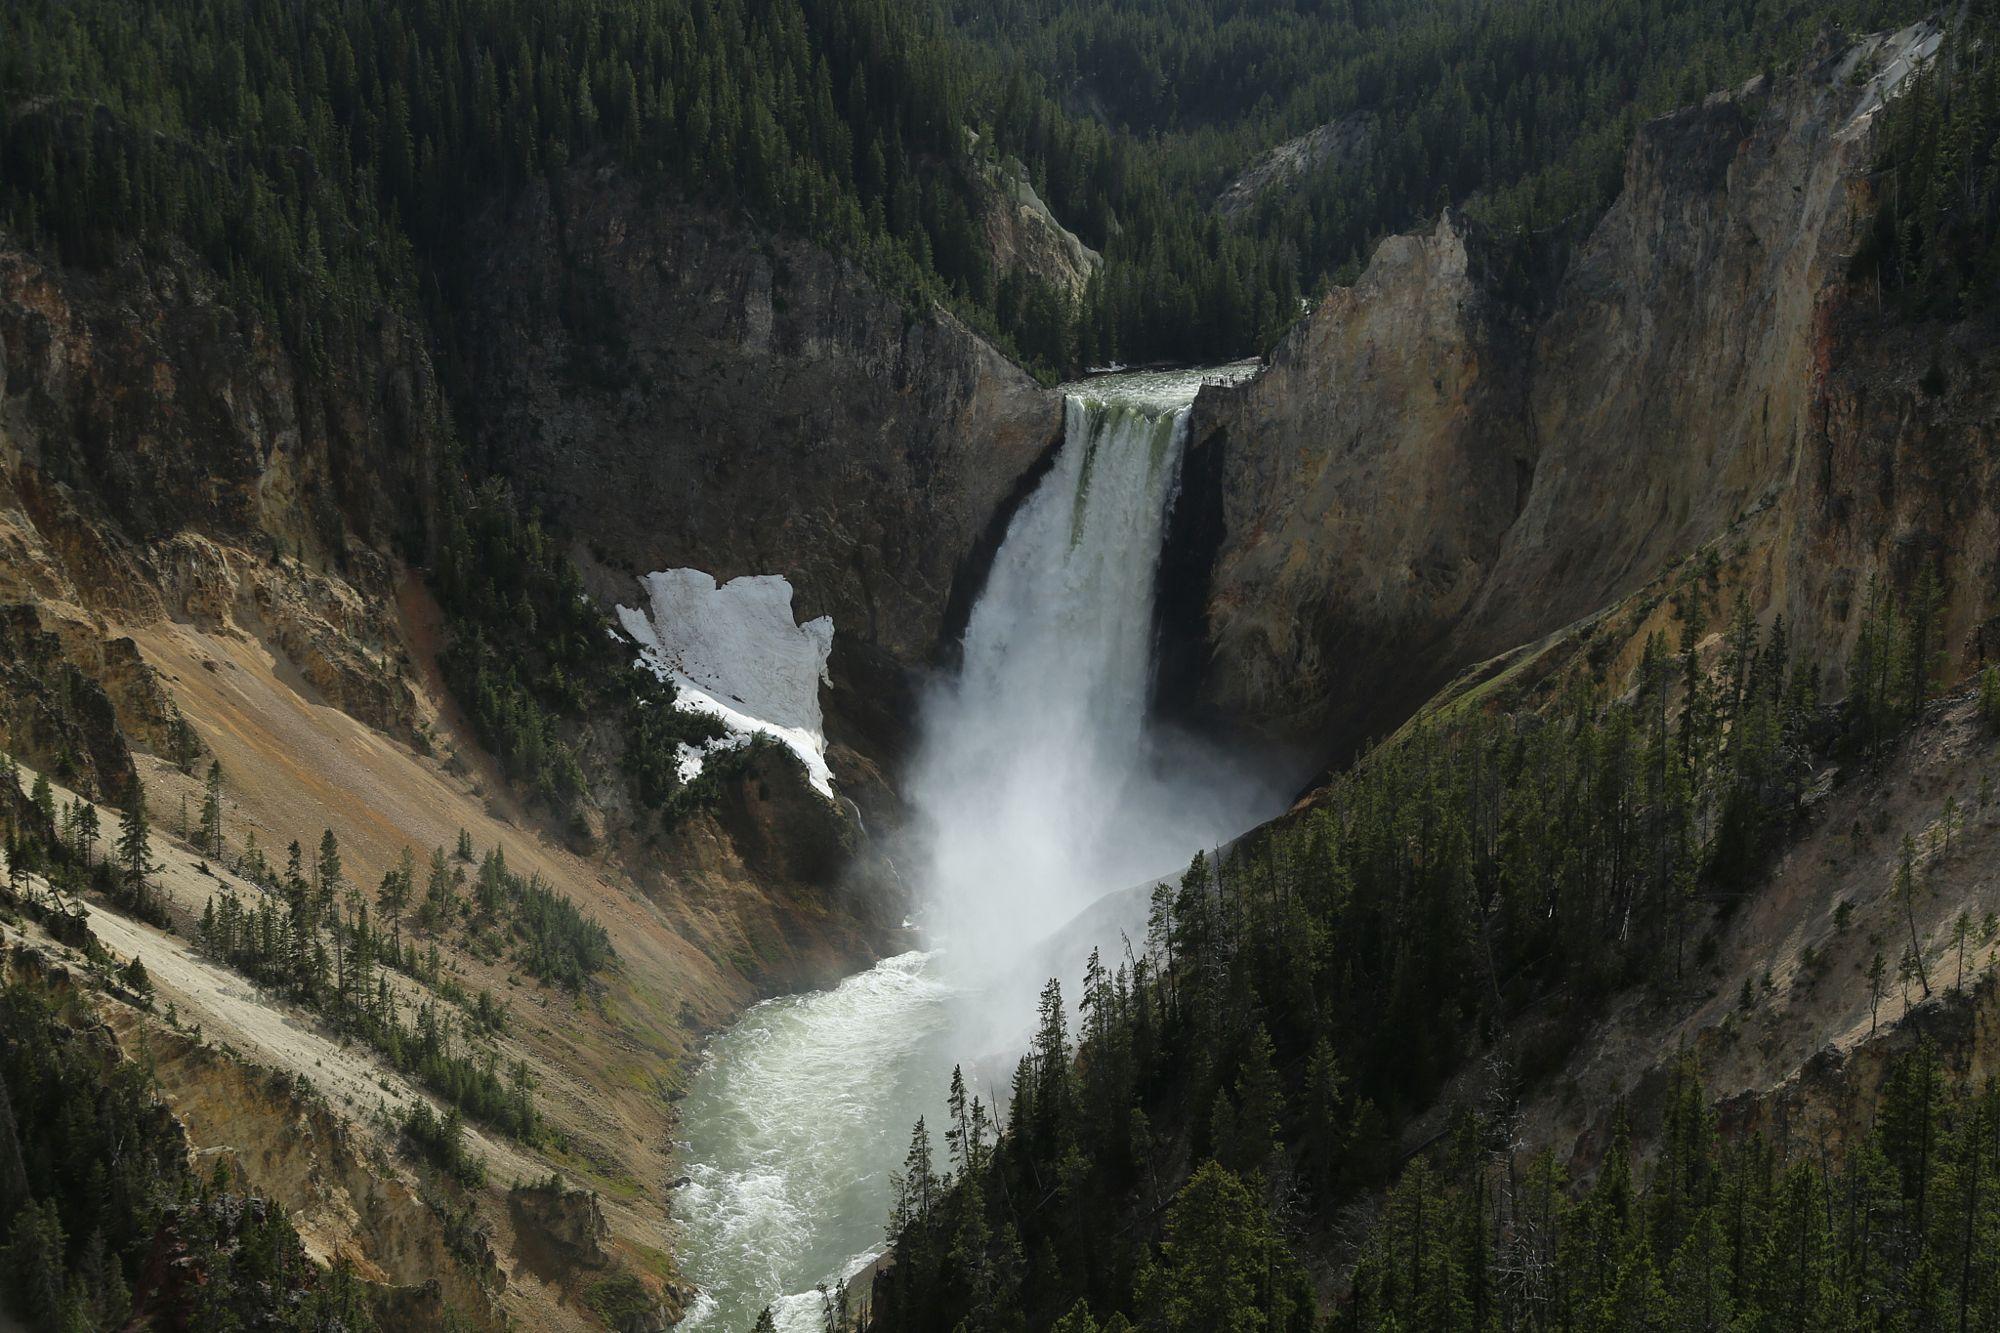 Yellowstone Falls by Jennifer Lee on 500px